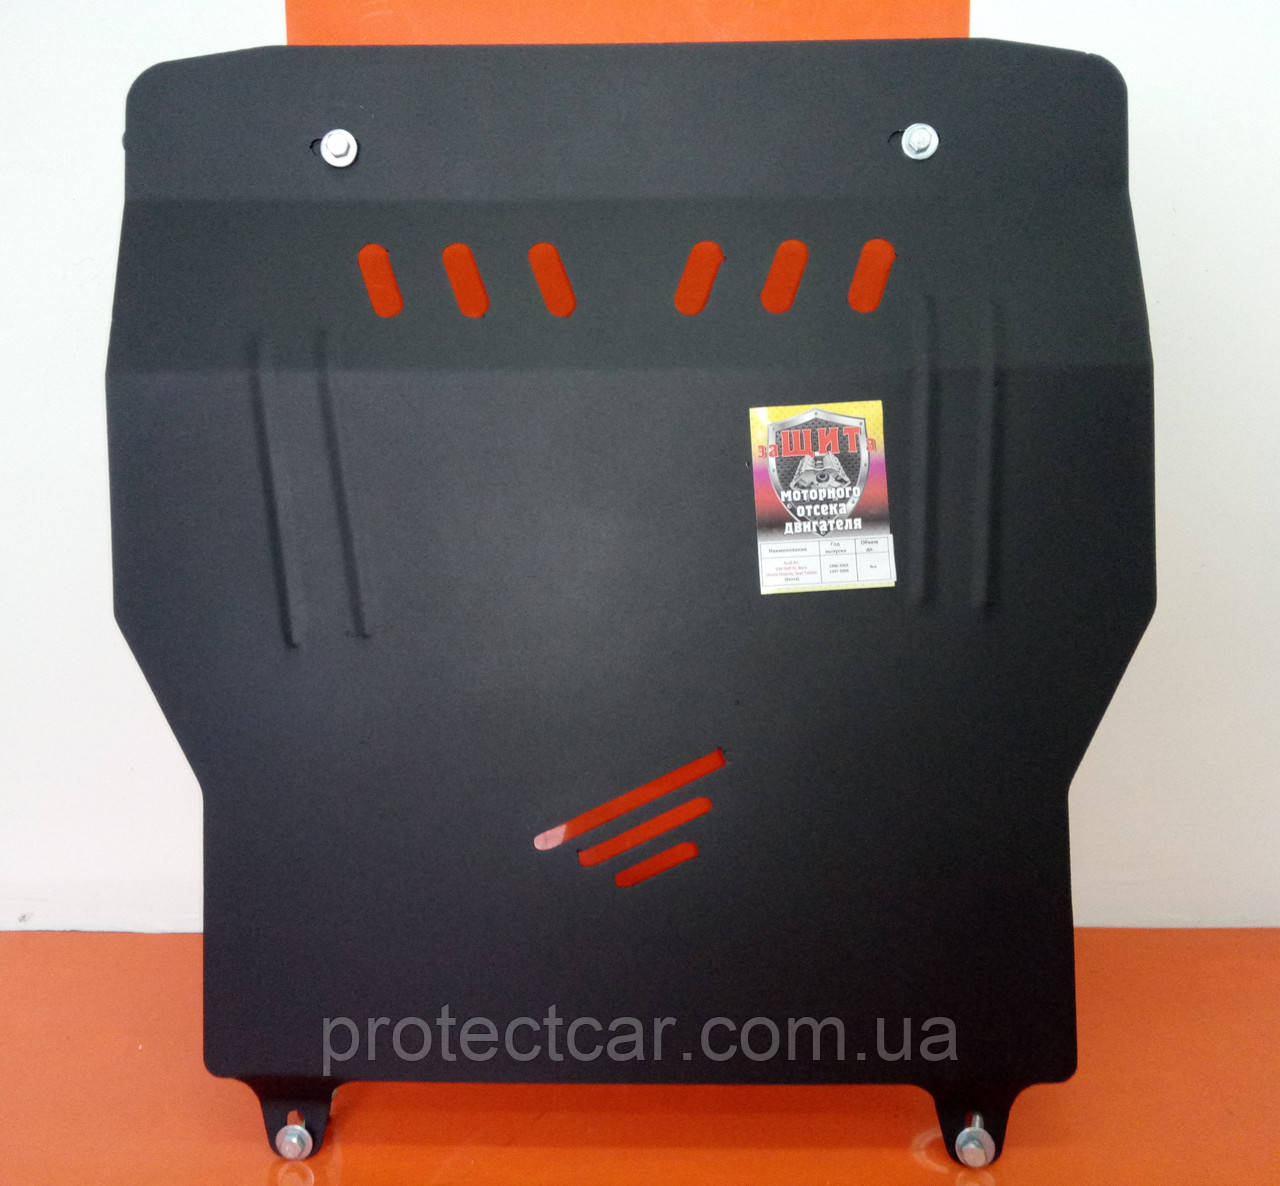 Защита двигателя Skoda Octavia (Tour) Шкода Октавиа Тур